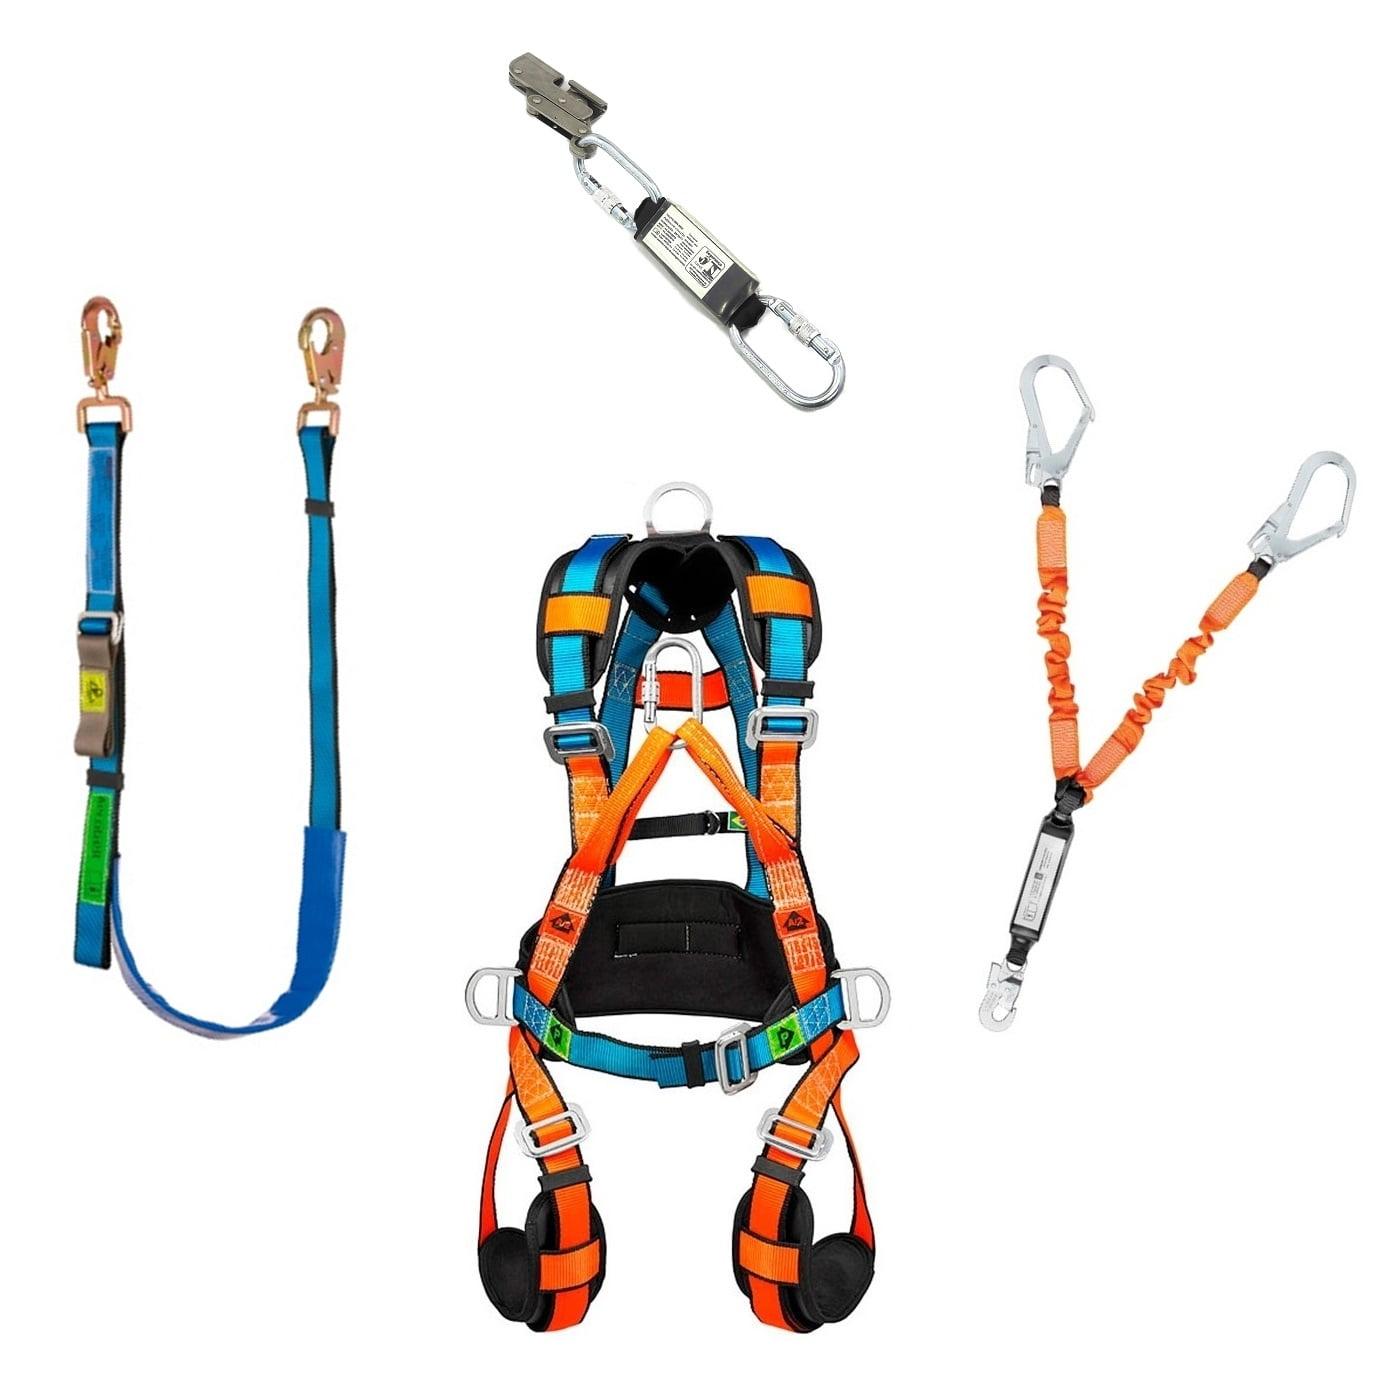 Kit Cinto Cinturão Paraquedista, Talabartes Posicionamento e Ancoragem e Trava Quedas Cabo de Aço